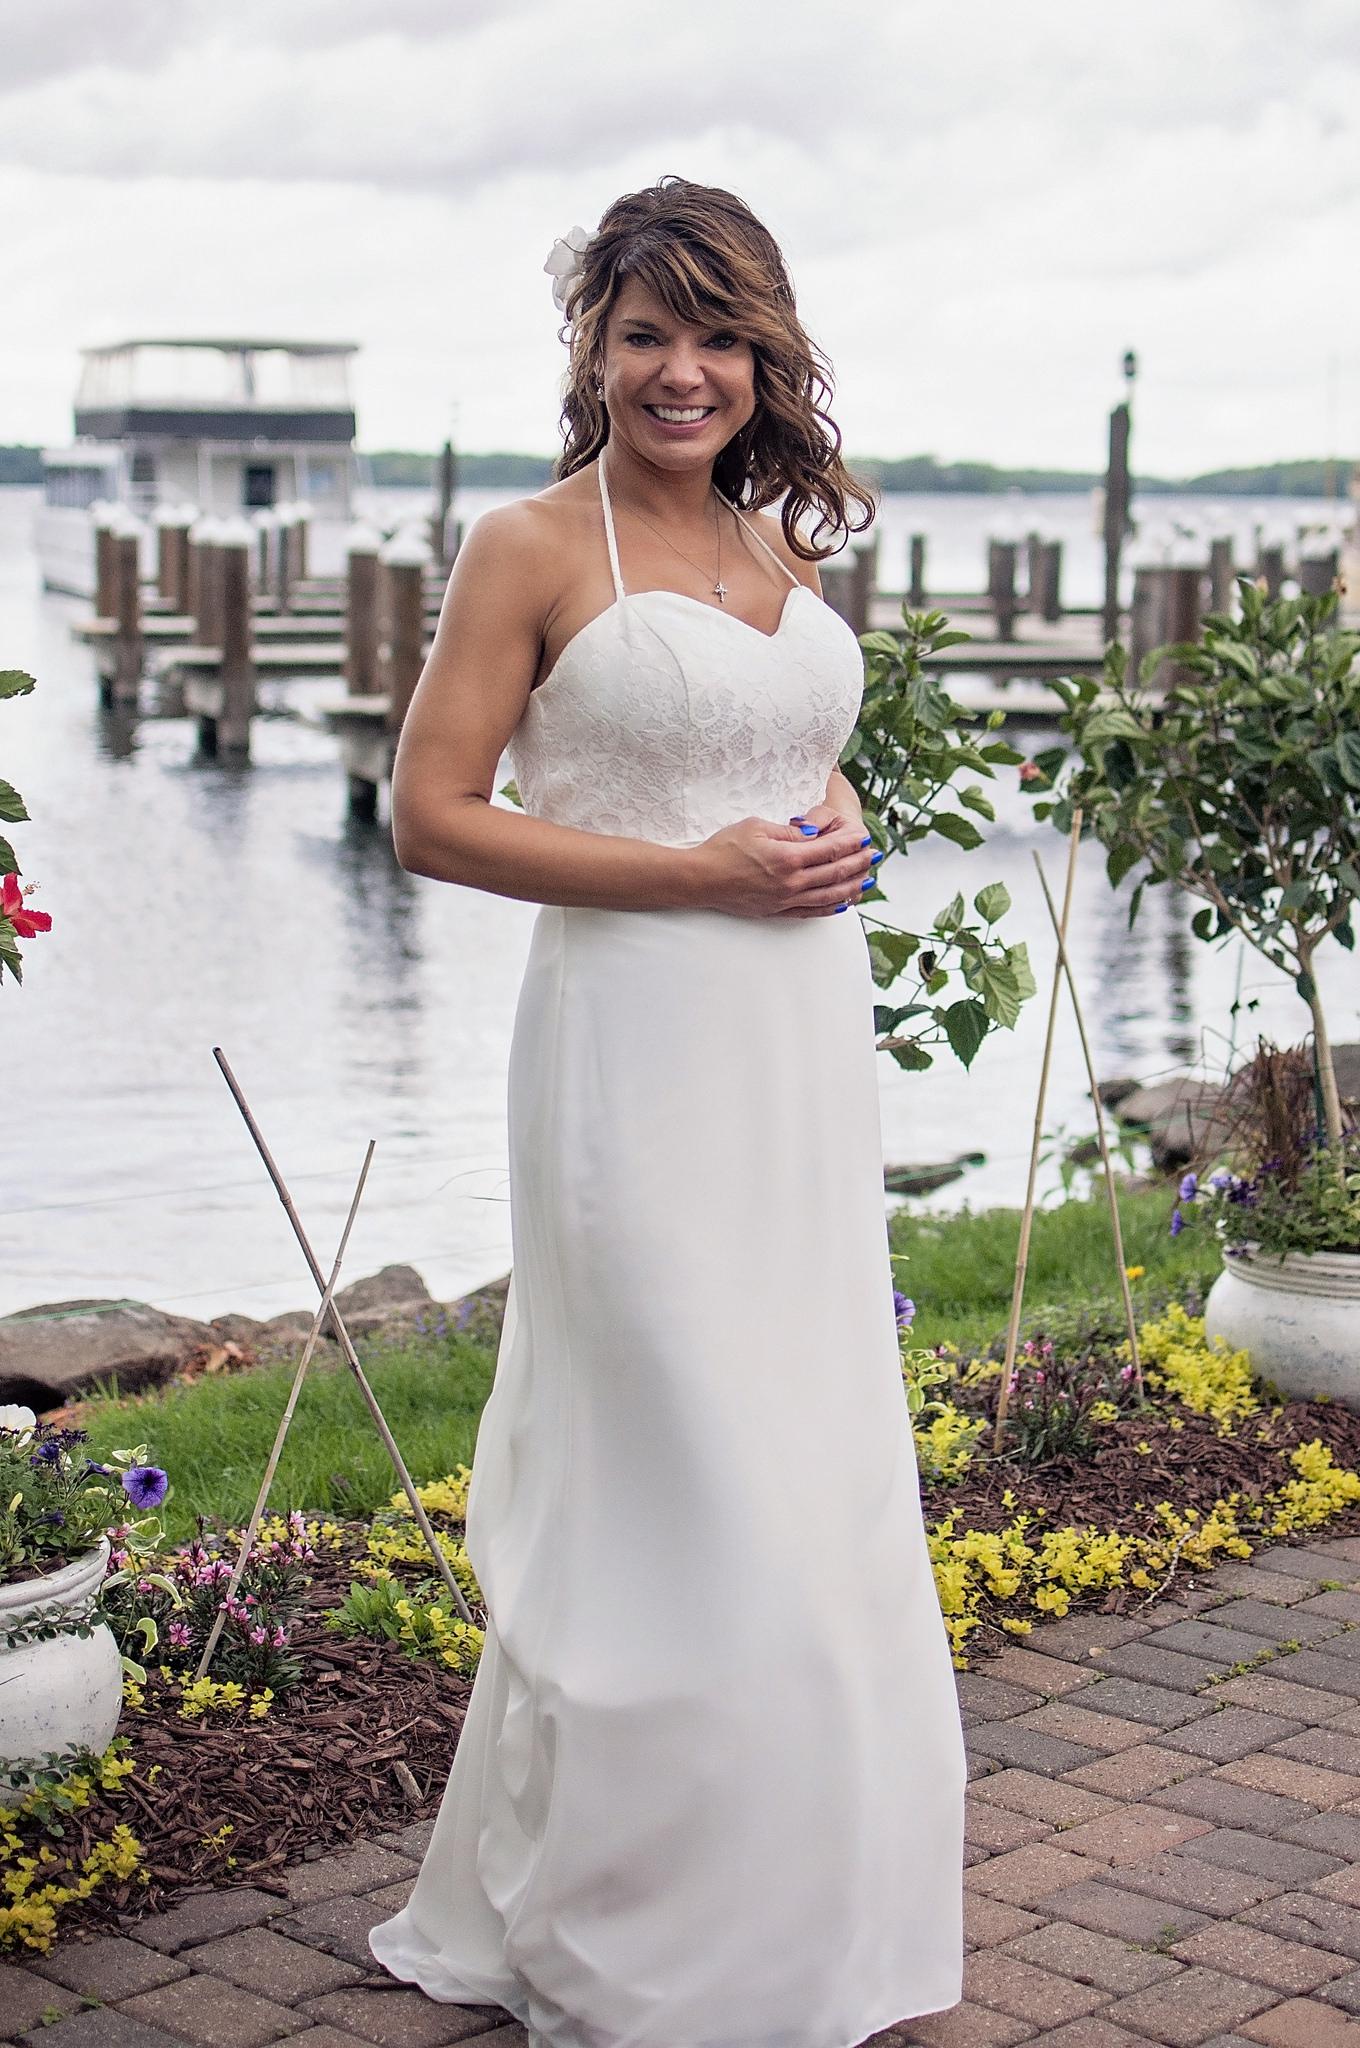 kristine_wedding_brides_spiritedtable_photo13.jpg